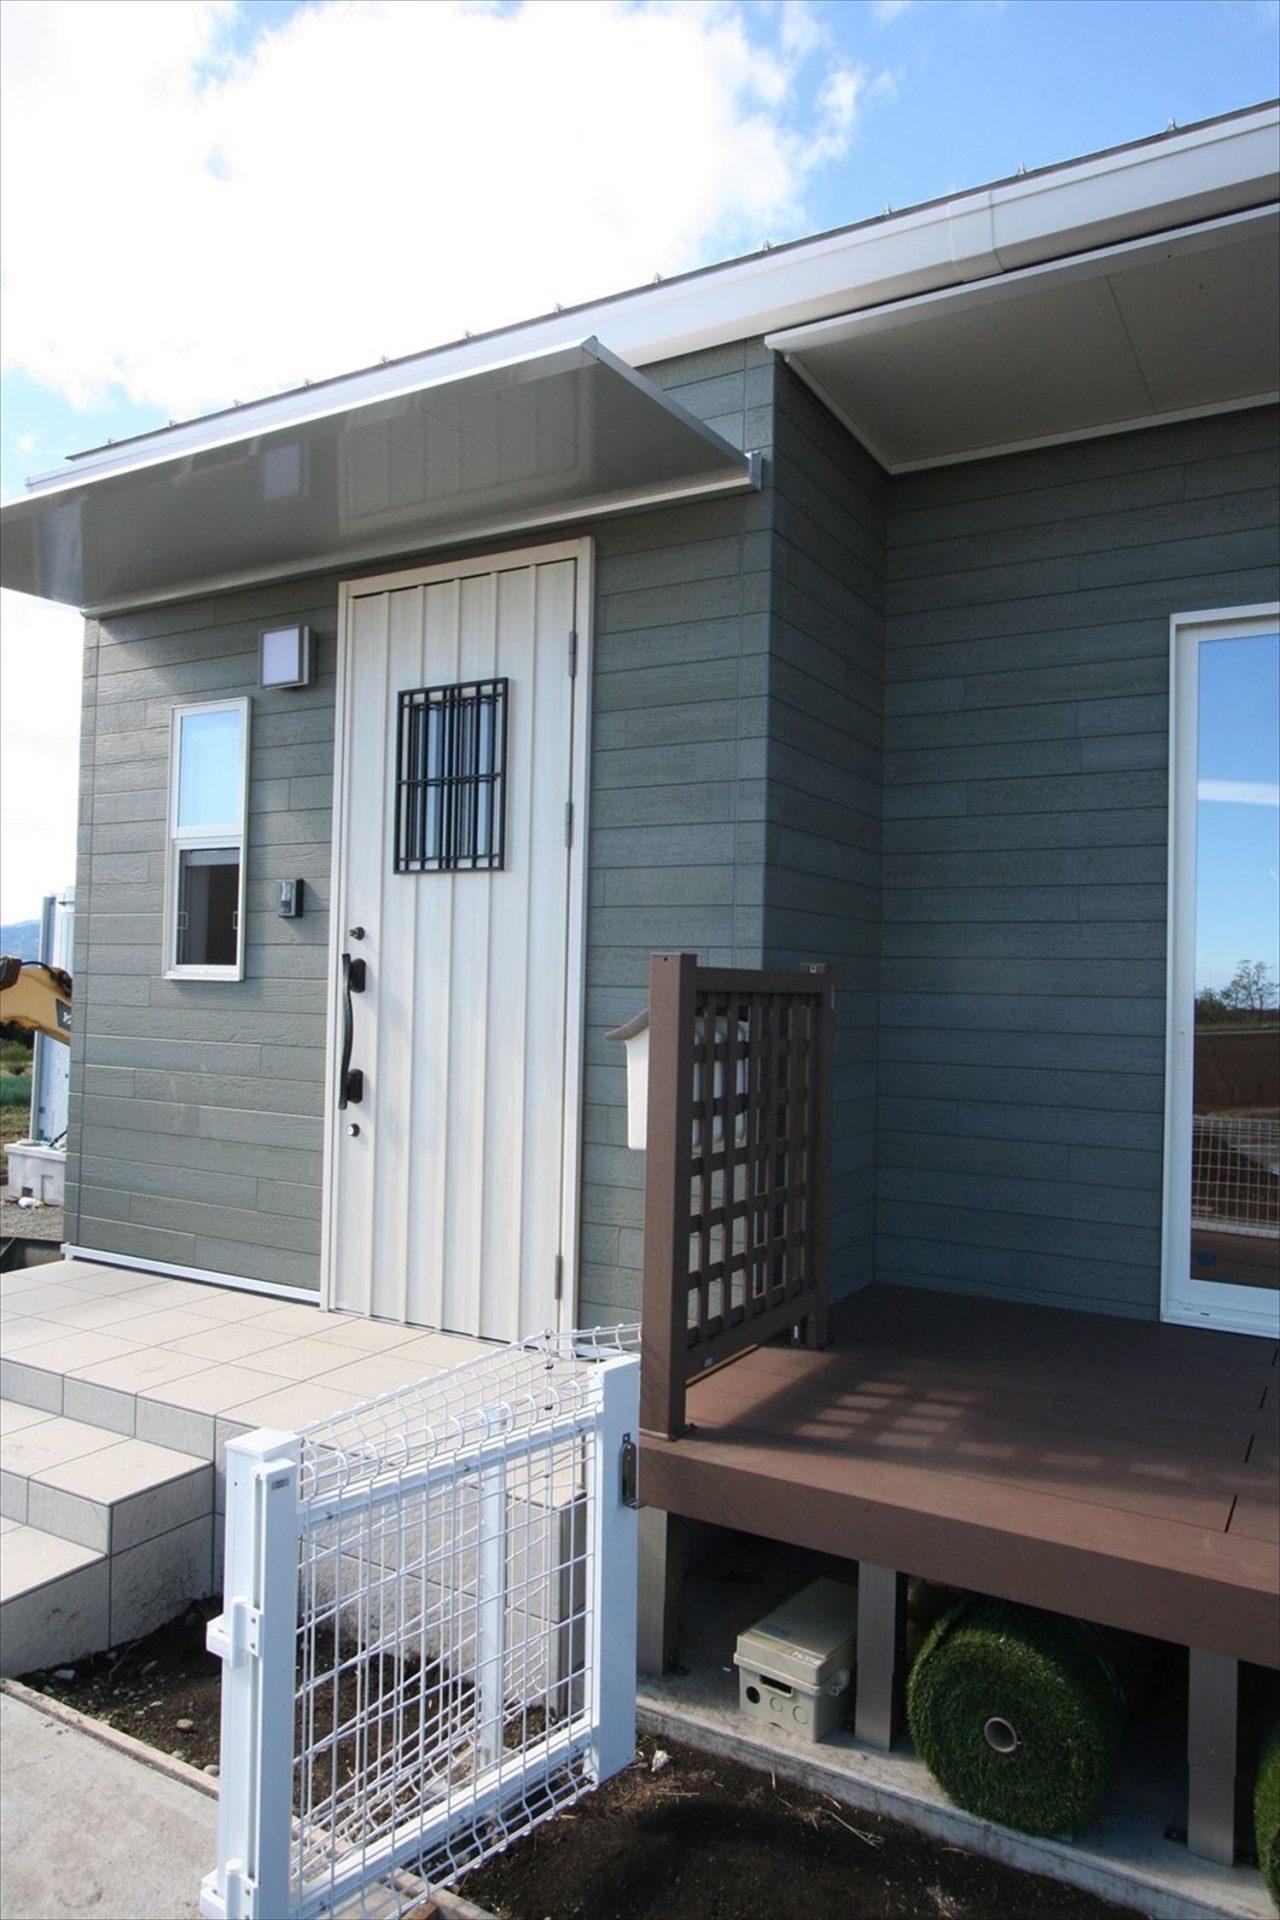 ドッグランのある3LDK平屋の玄関2|群馬県の注文住宅,ログハウスのような木の家を低価格で建てるならエイ・ワン